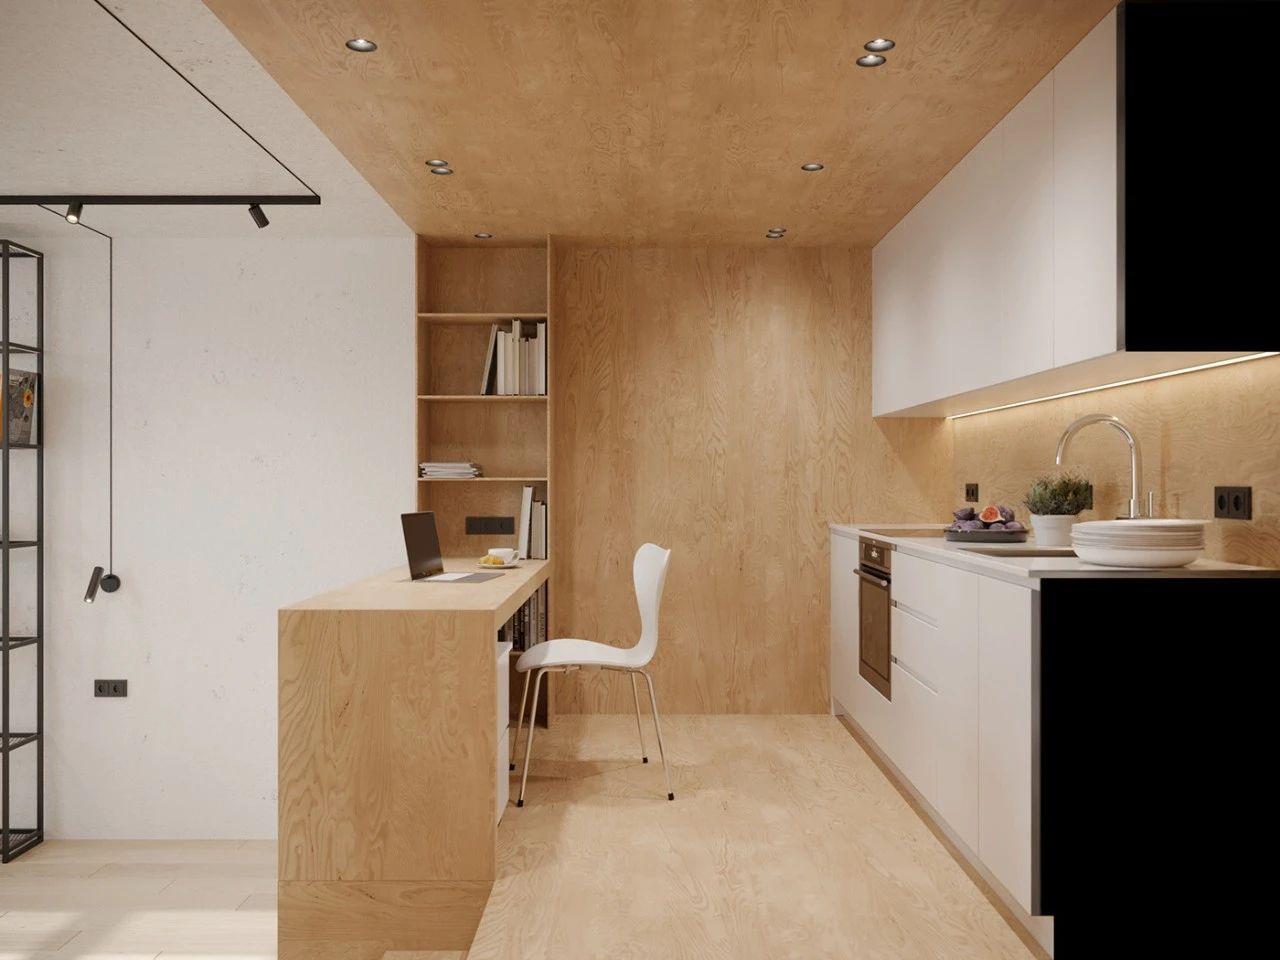 36㎡小公寓厨房装修效果图